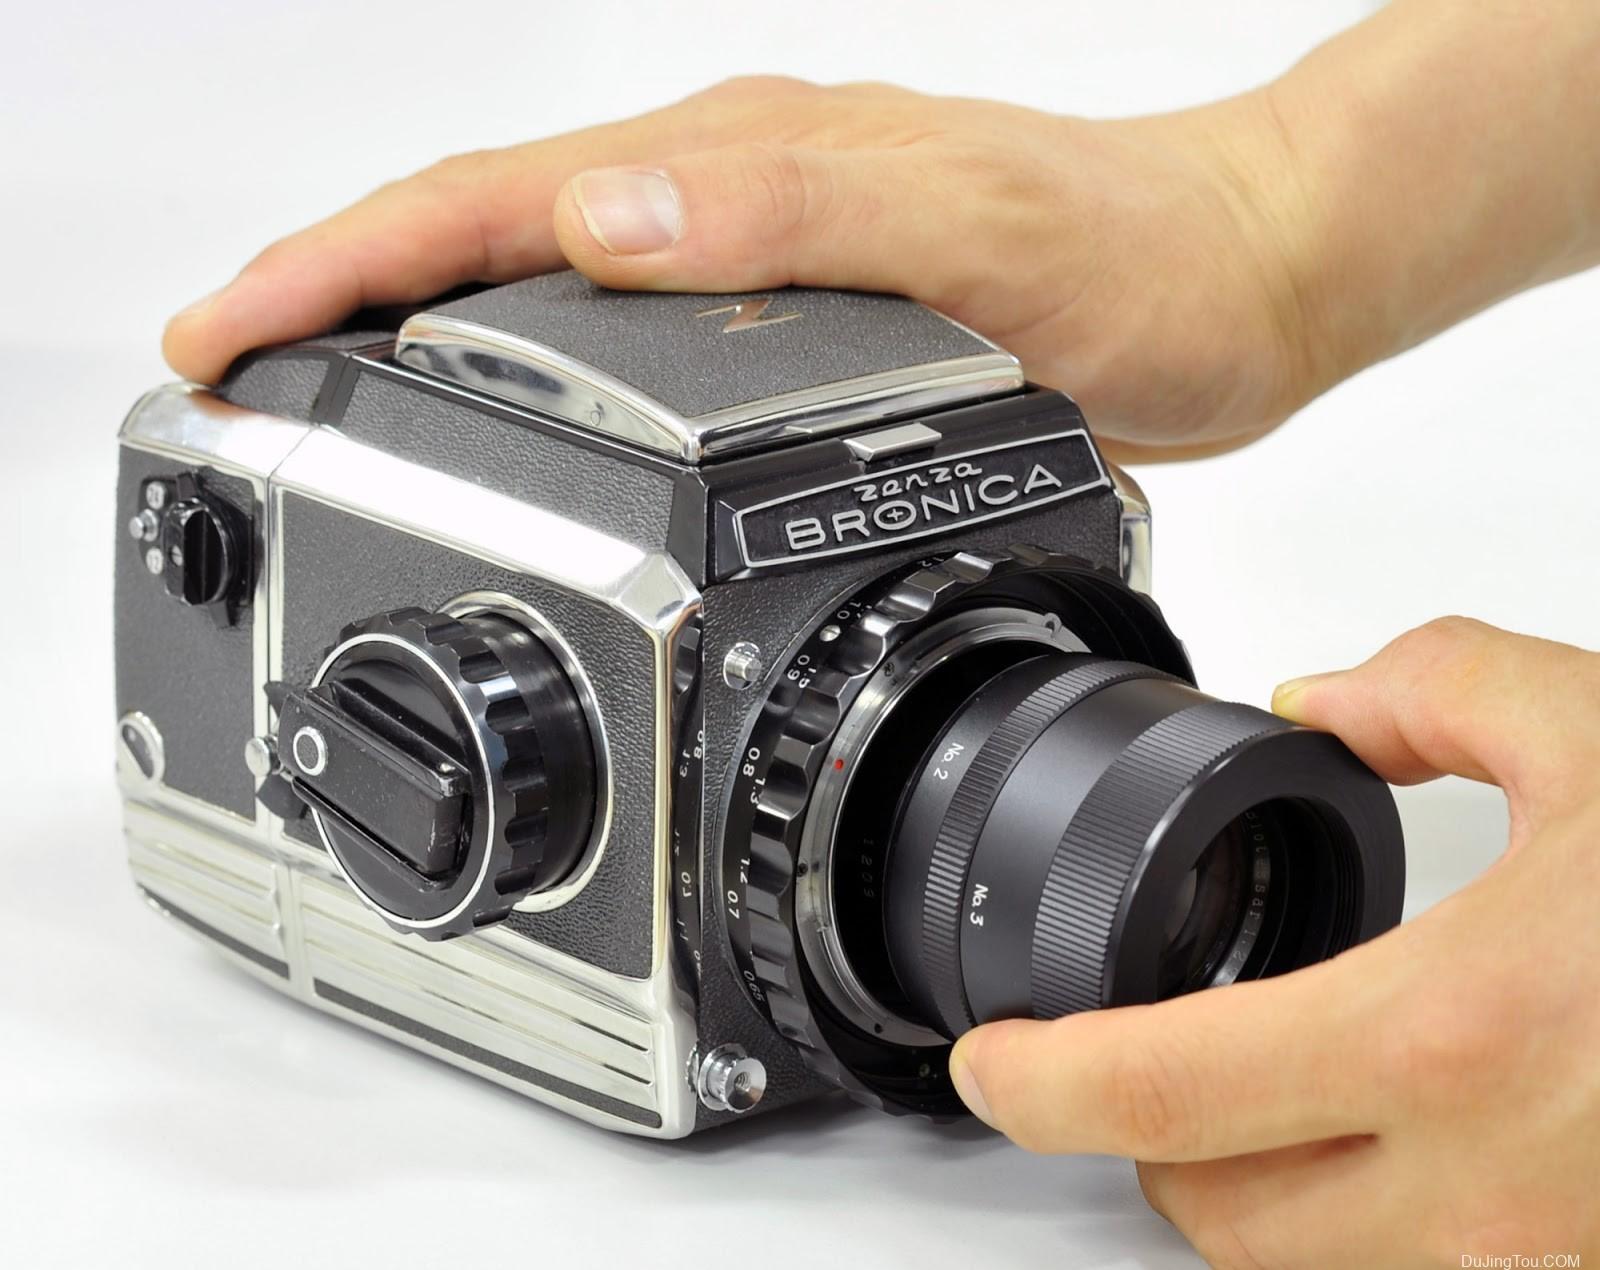 卡尔·蔡司 Carl Zeiss Jena Biotessar 10cm F2.9 镜头资料镜头测试及样片